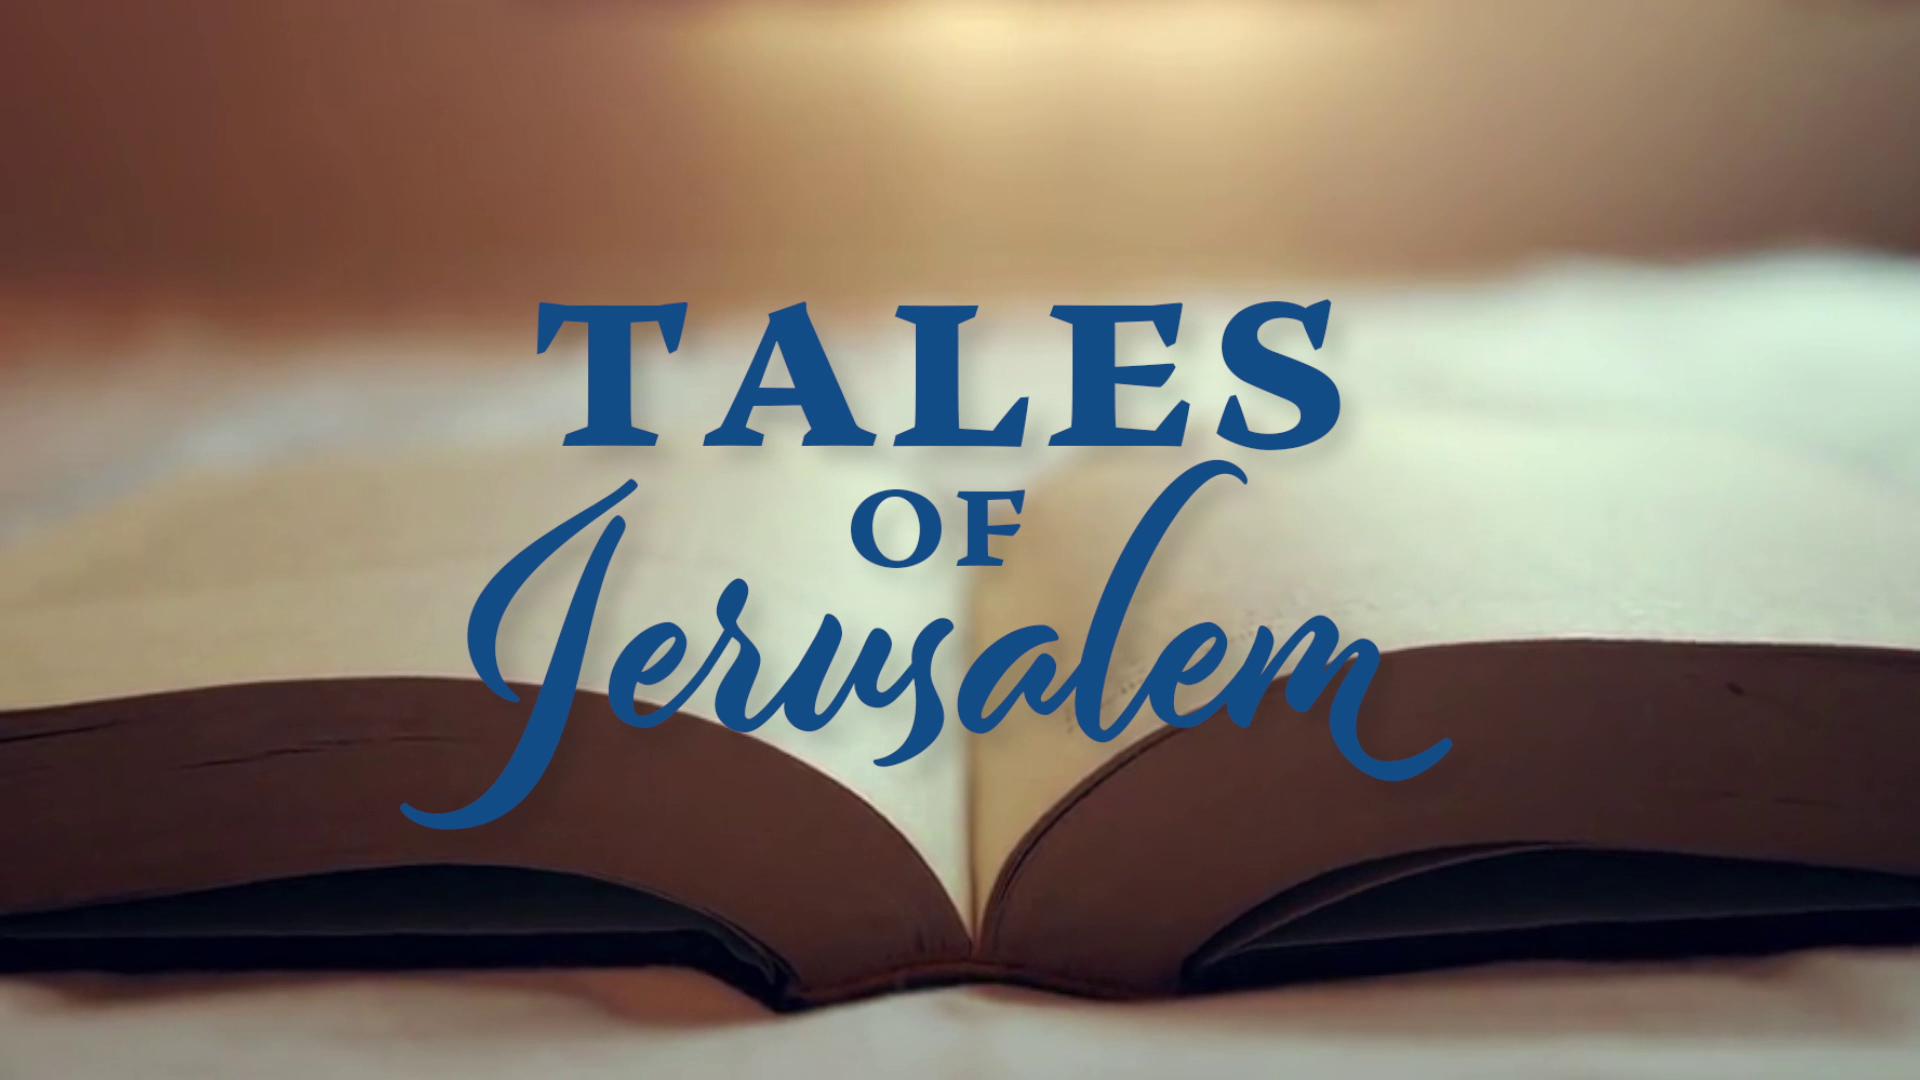 Tales of Jerusalem